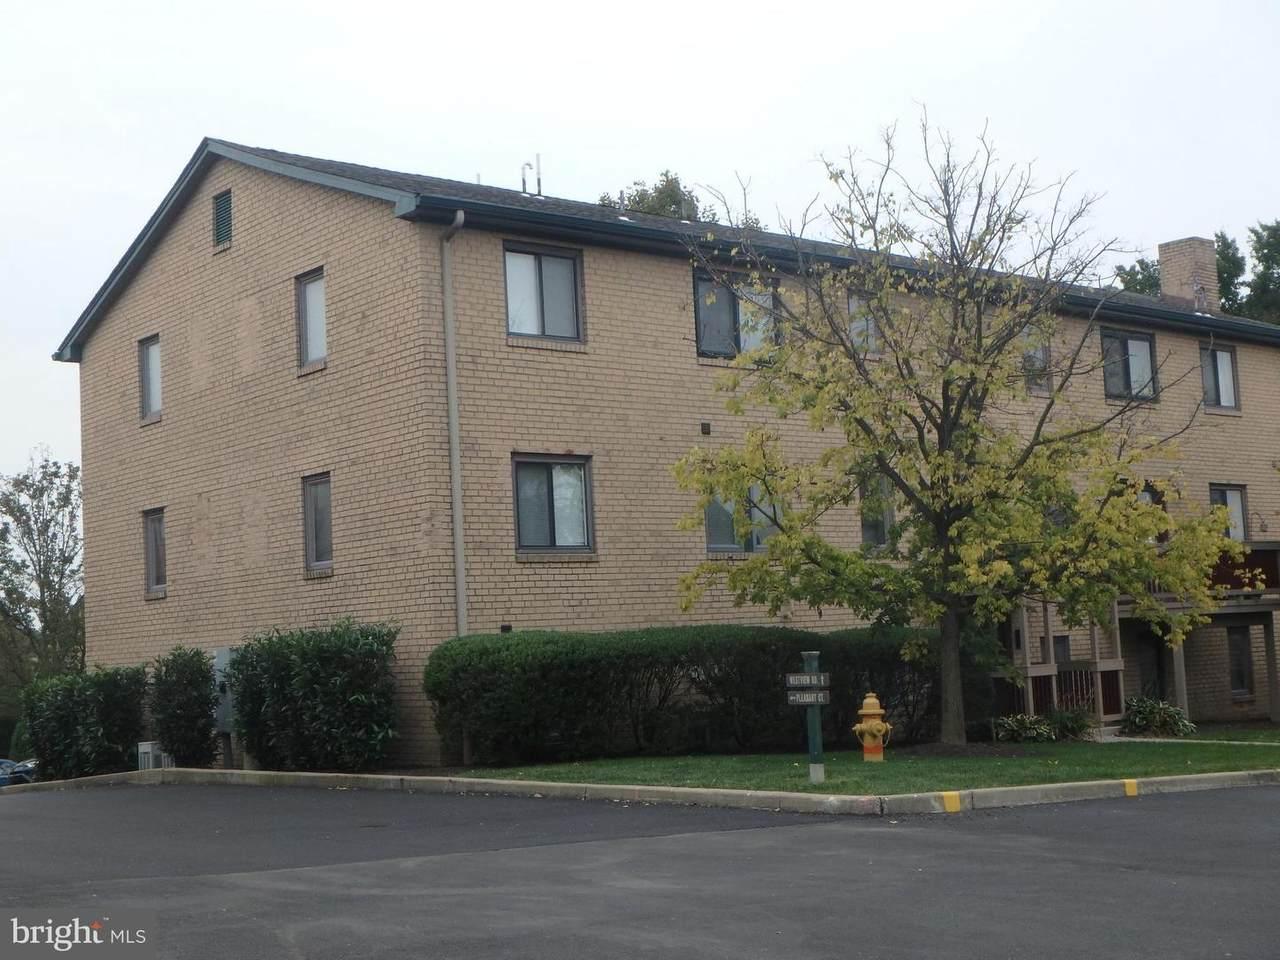 8705 Park Court - Photo 1